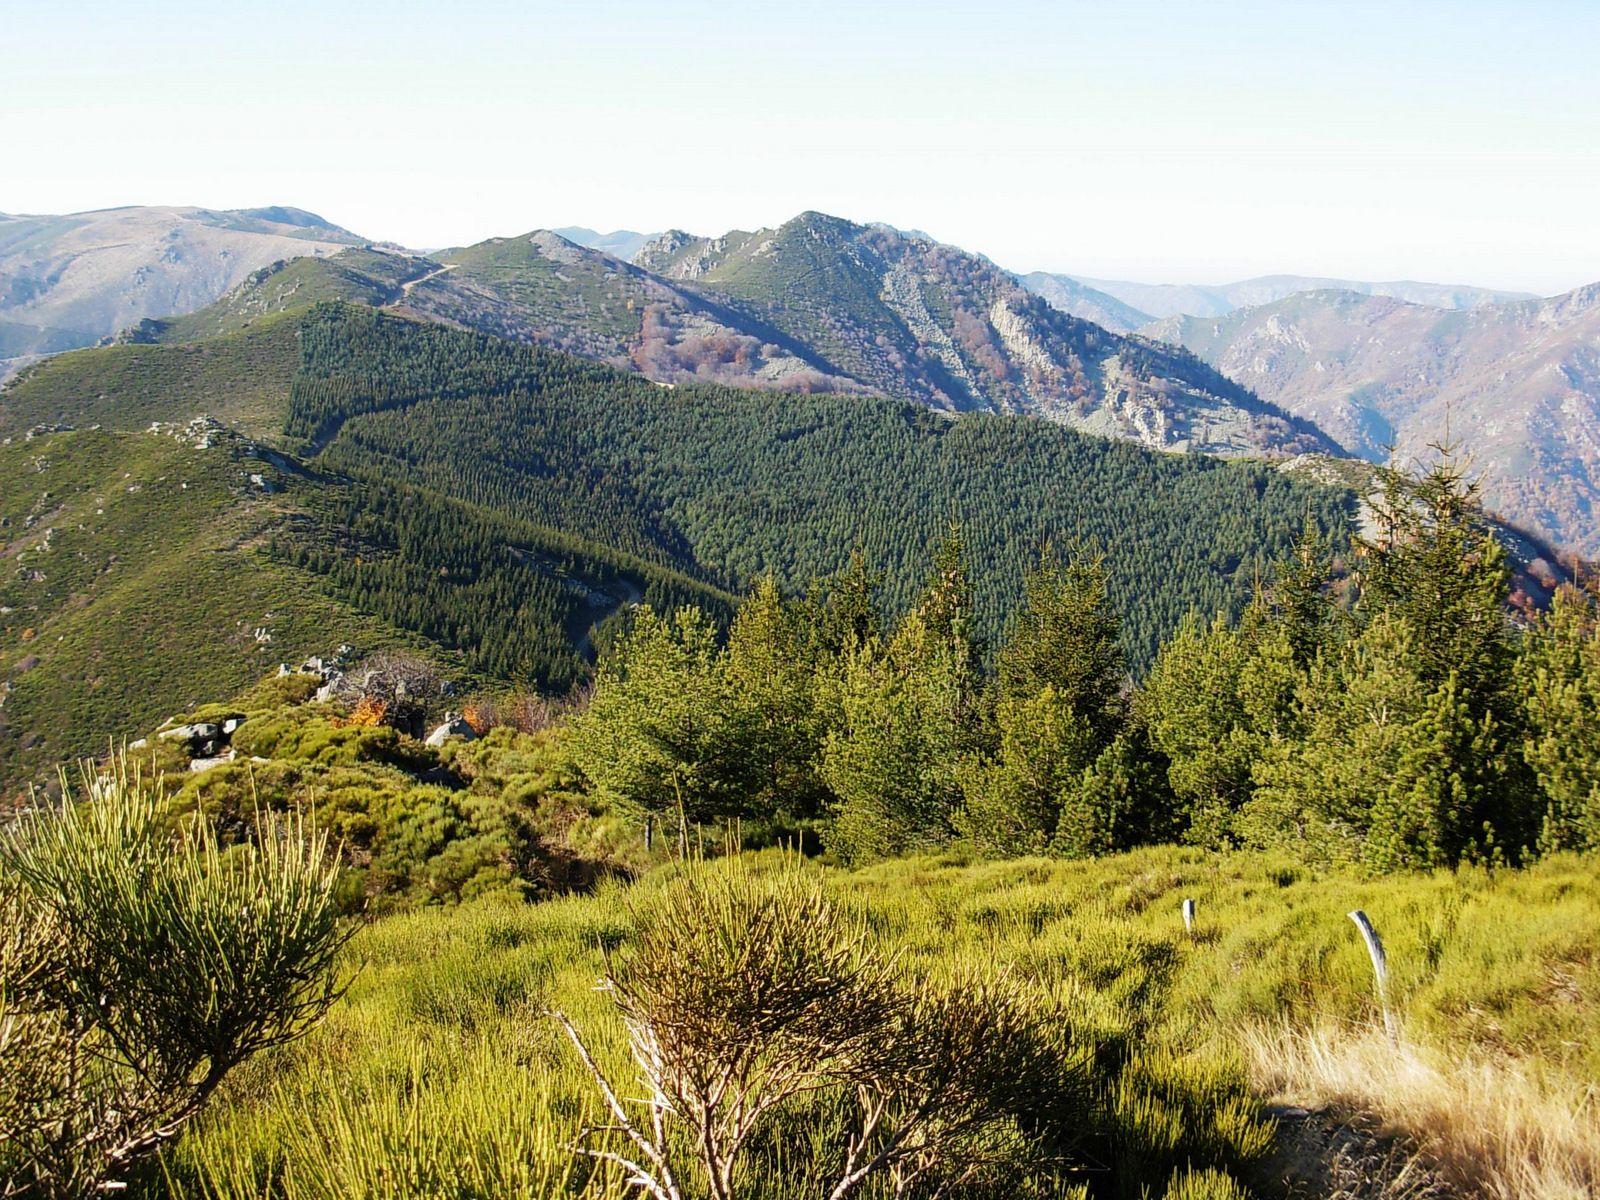 Le parc naturel r gional des monts d 39 ard che sites naturels sud ard che ard che parc - Office tourisme massif central ...